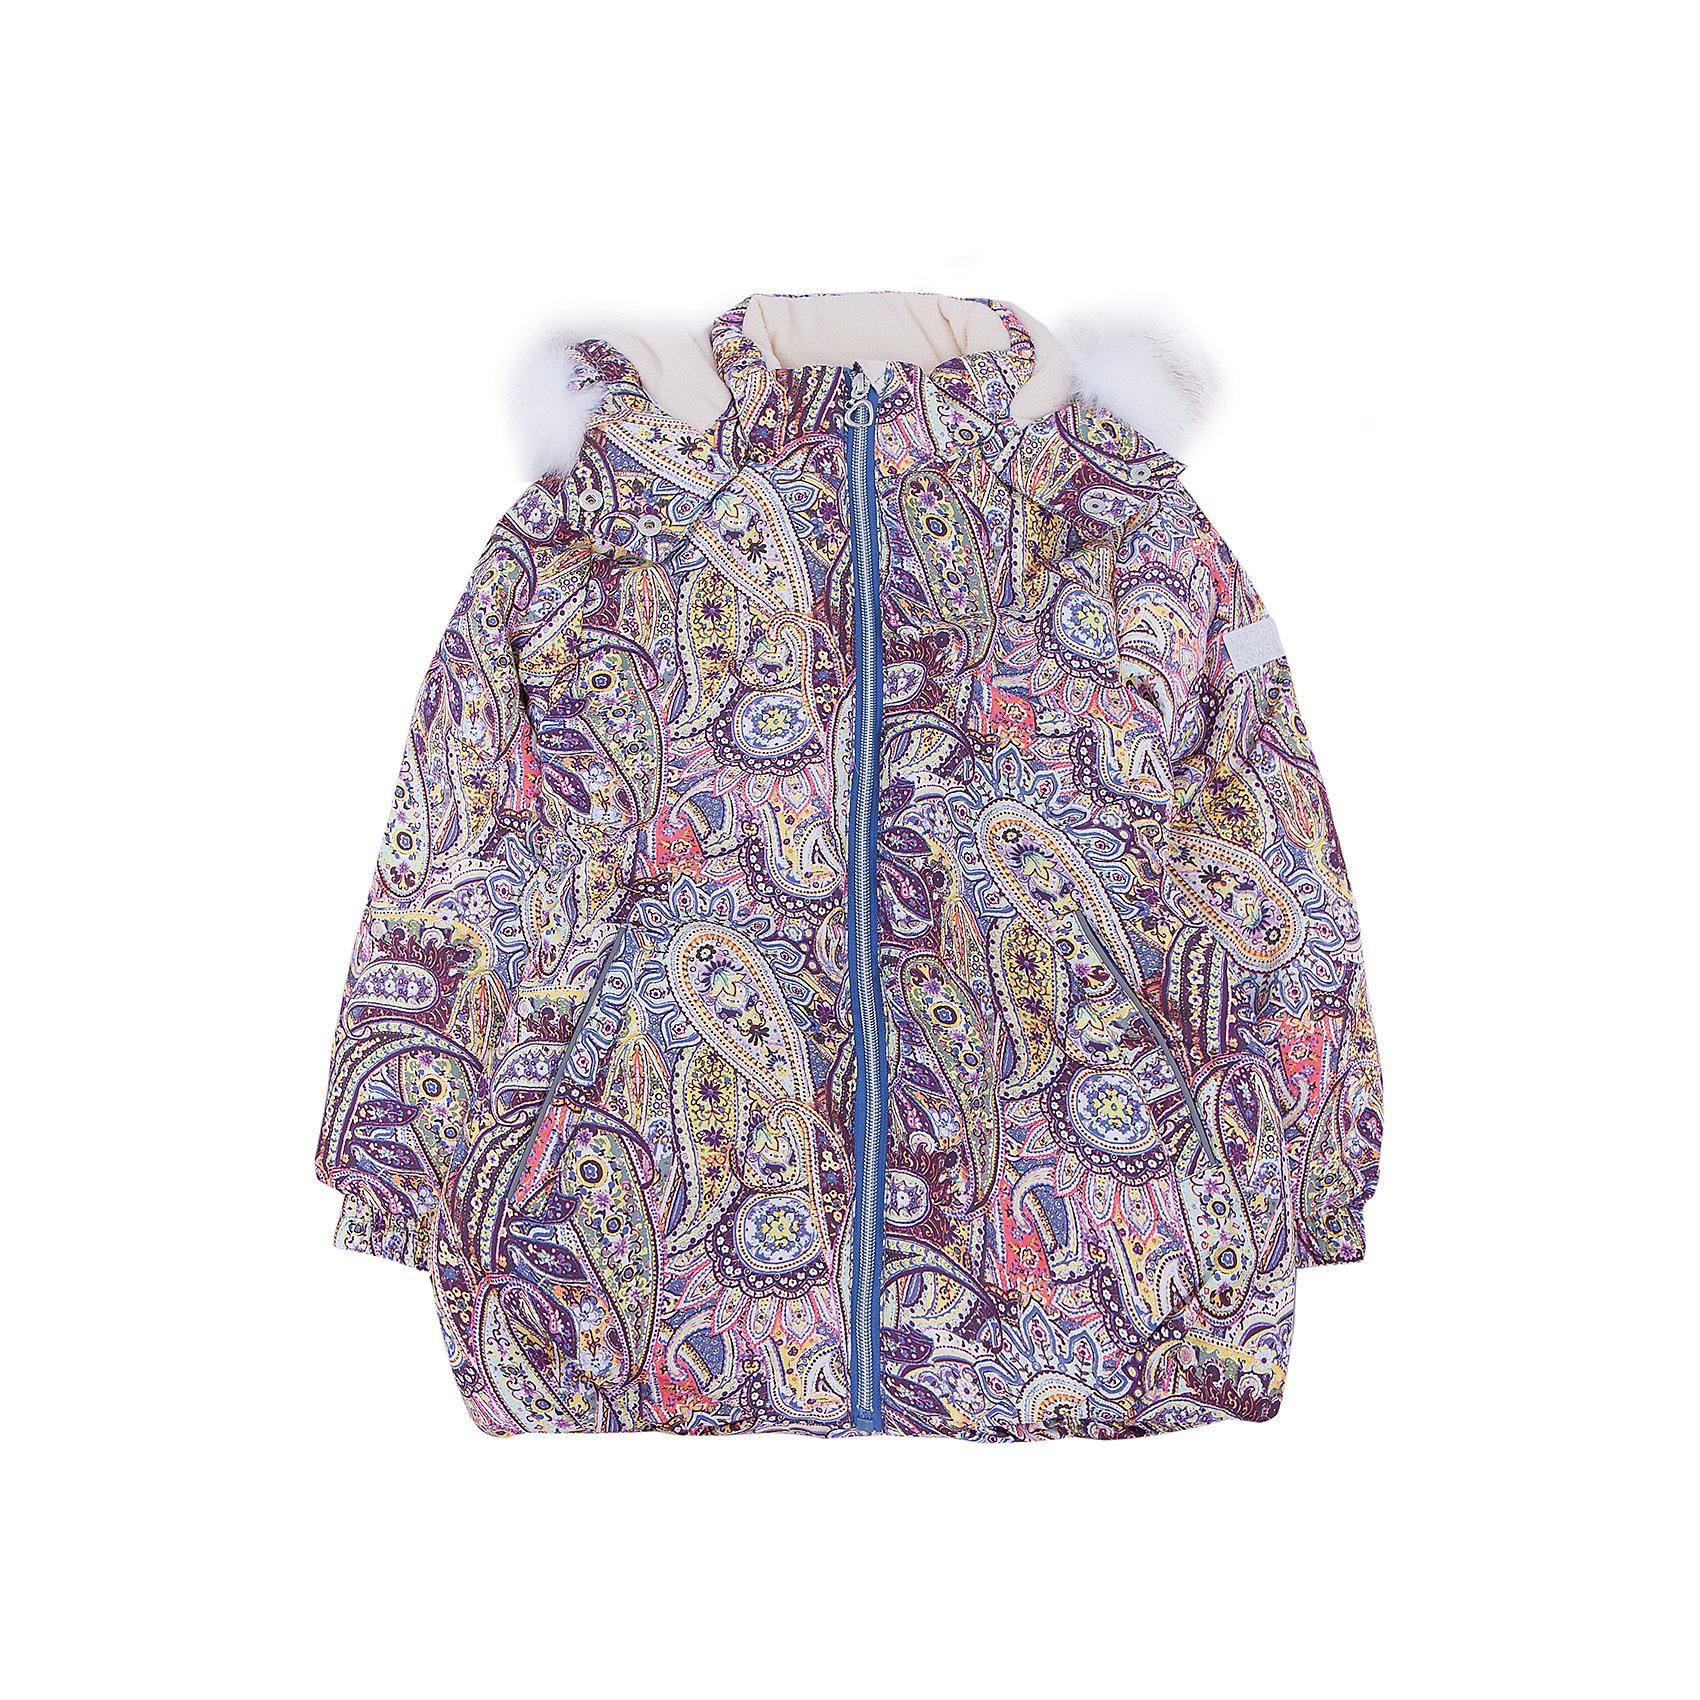 Куртка для девочки SELAТакая стильная утепленная куртка - незаменимая вещь в прохладное время года. Эта модель отлично сидит на ребенке, она сшита из плотного материала, позволяет гулять и заниматься спортом на свежем воздухе. Подкладка и утеплитель обеспечивают ребенку комфорт. Модель дополнена капюшоном и карманами.<br>Одежда от бренда Sela (Села) - это качество по приемлемым ценам. Многие российские родители уже оценили преимущества продукции этой компании и всё чаще приобретают одежду и аксессуары Sela.<br><br>Дополнительная информация:<br><br>цвет: разноцветный;<br>материал: 100% ПЭ; подкладка:100% ПЭ; утеплитель:100% ПЭ; мех: искусственный;<br>капюшон;<br>карманы;<br>молния.<br><br>Куртку для девочки от бренда Sela можно купить в нашем интернет-магазине.<br><br>Ширина мм: 356<br>Глубина мм: 10<br>Высота мм: 245<br>Вес г: 519<br>Цвет: голубой<br>Возраст от месяцев: 48<br>Возраст до месяцев: 60<br>Пол: Женский<br>Возраст: Детский<br>Размер: 110,104,98,116<br>SKU: 4912959